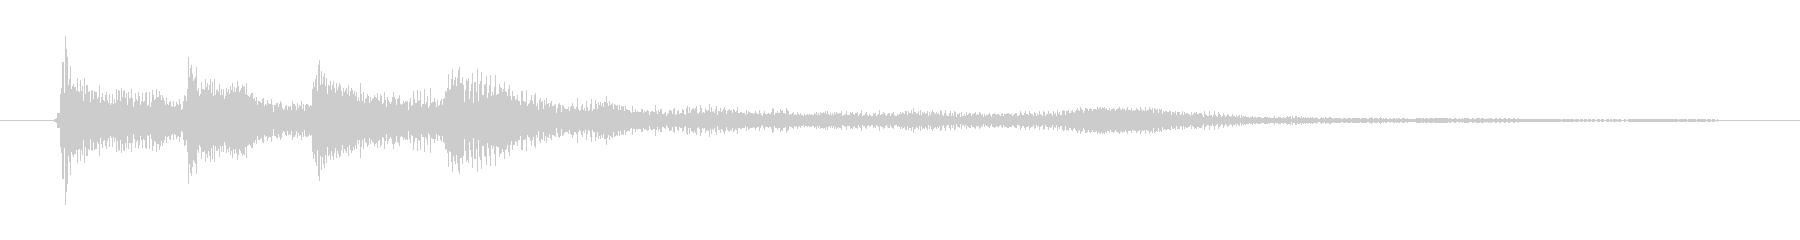 ゲーム、クイズ(正解)_001の未再生の波形